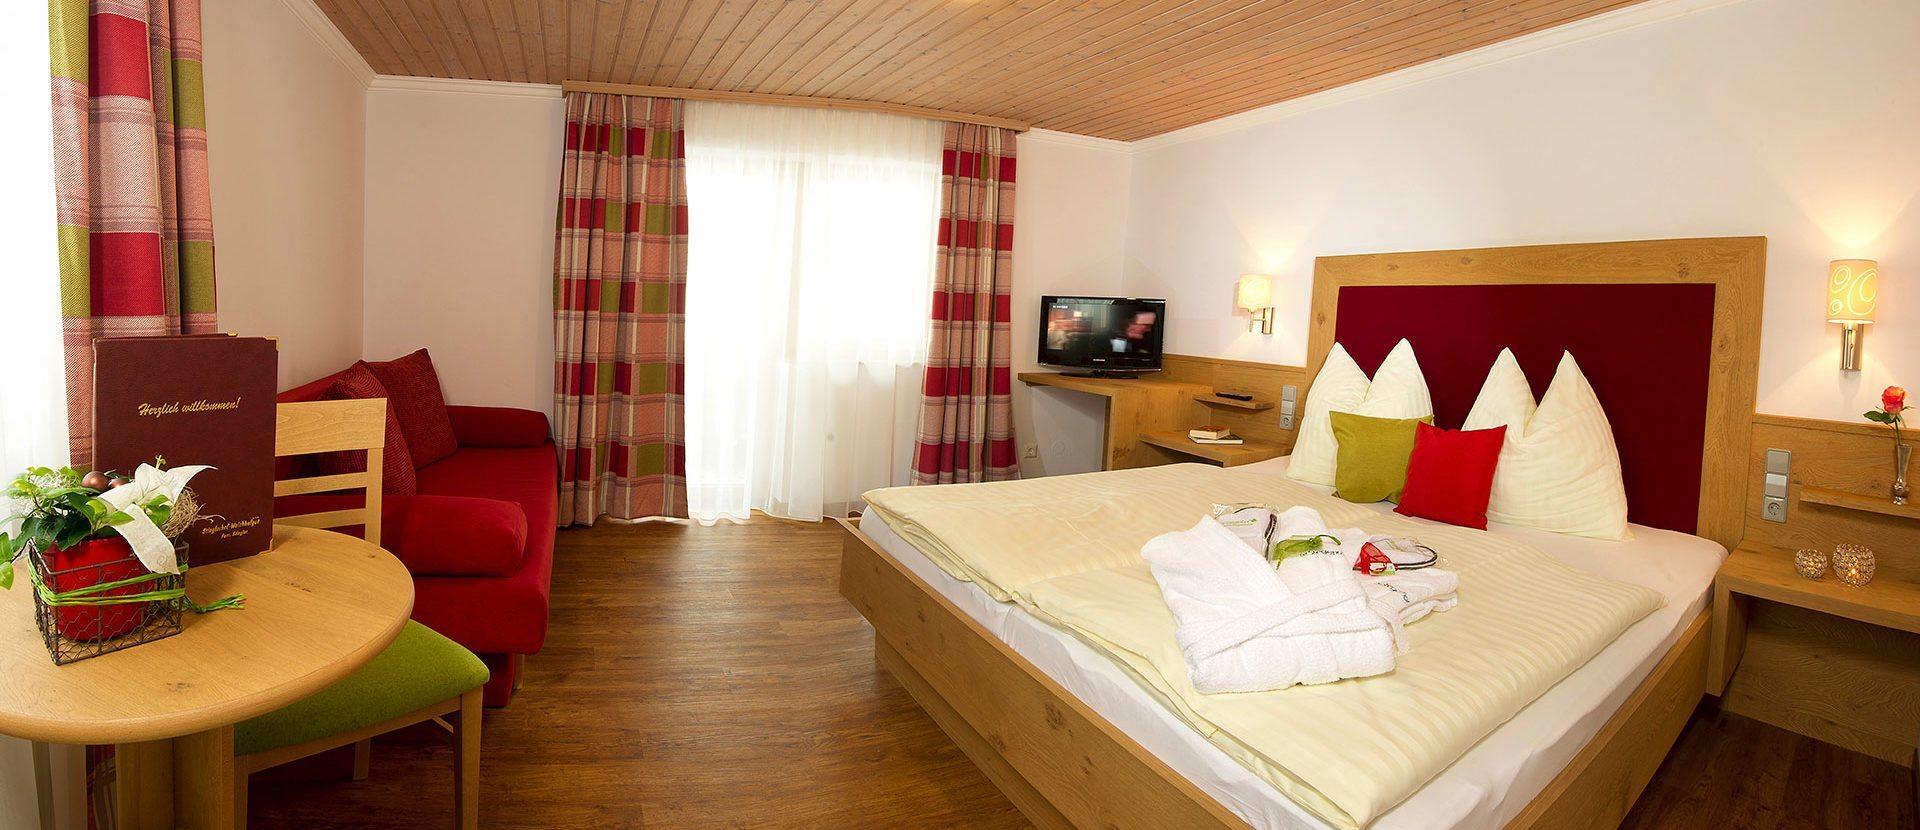 Verfügbarkeitskalender - Suiten & Zimmer in Radstadt, Salzburg